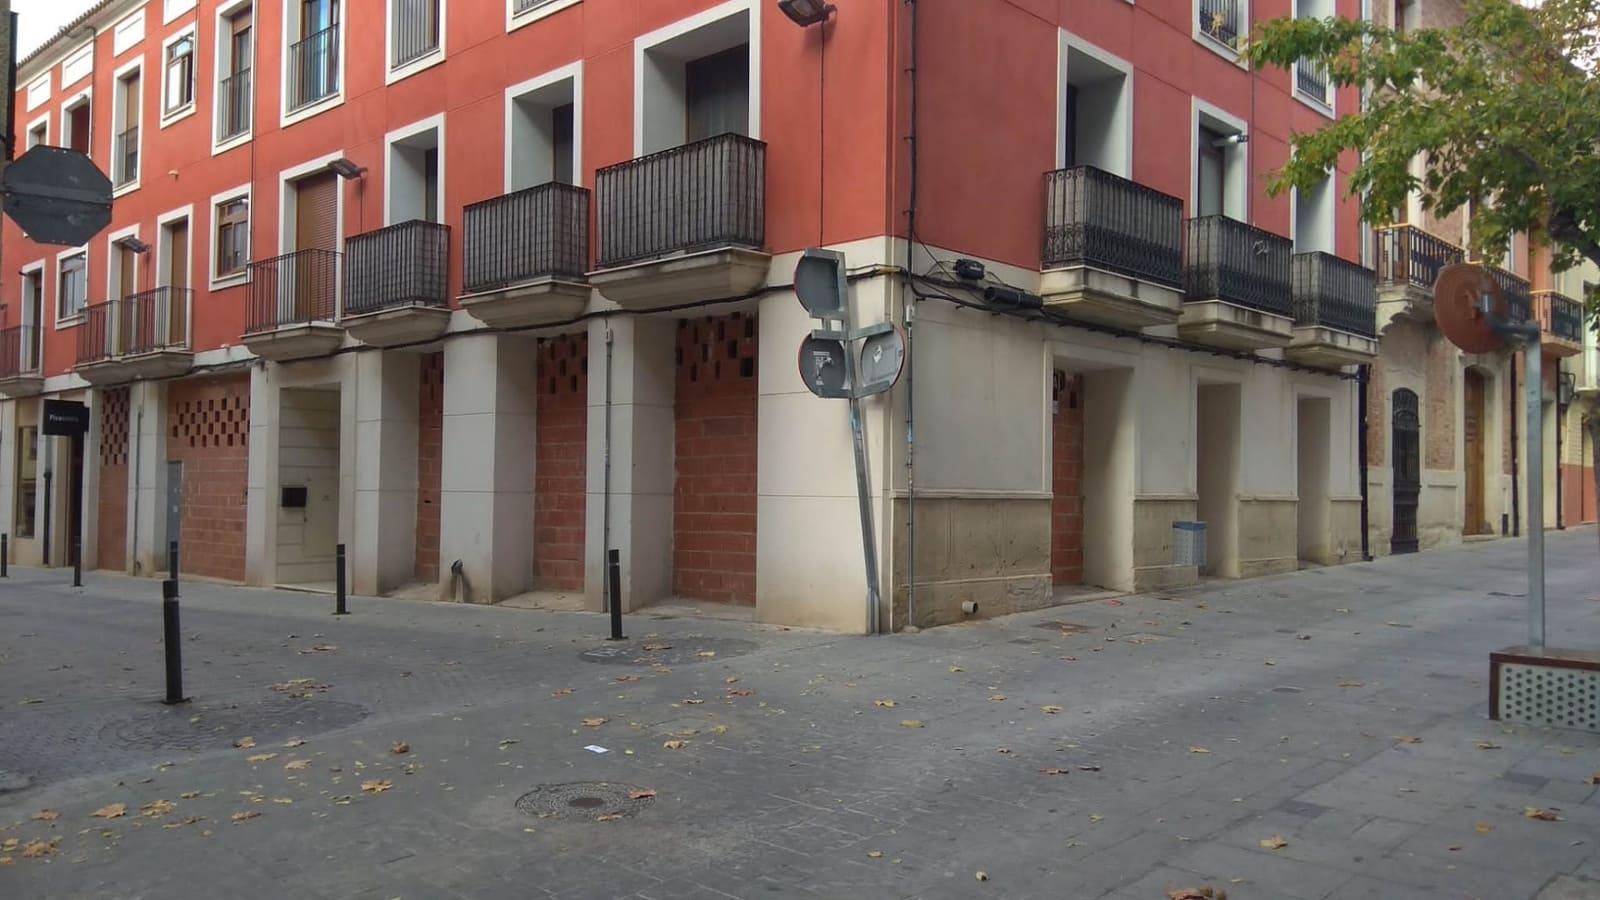 Local Comercial en Ibi en venta - 300.000 € (Ref: 4888941)